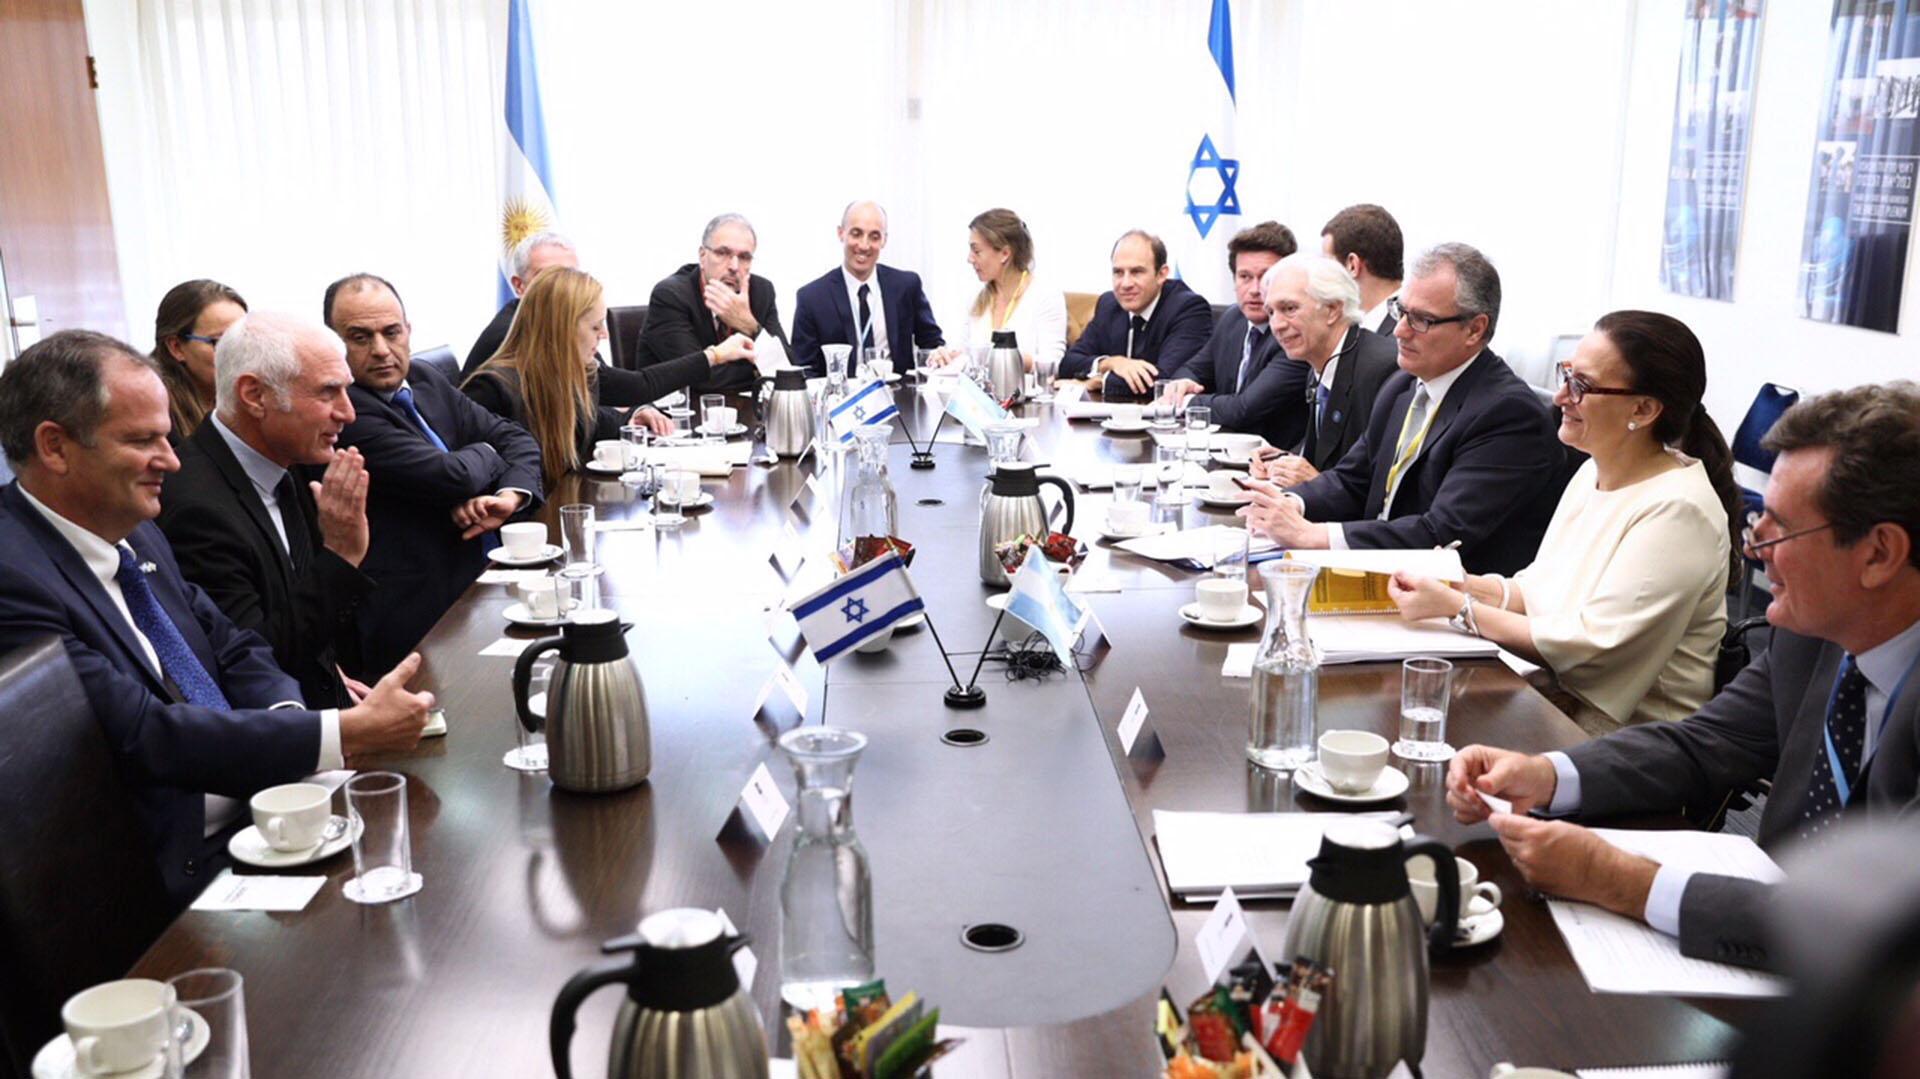 Encuentro de trabajo con Adiv Baruch, presidente del Instituto de Exportación de Israel